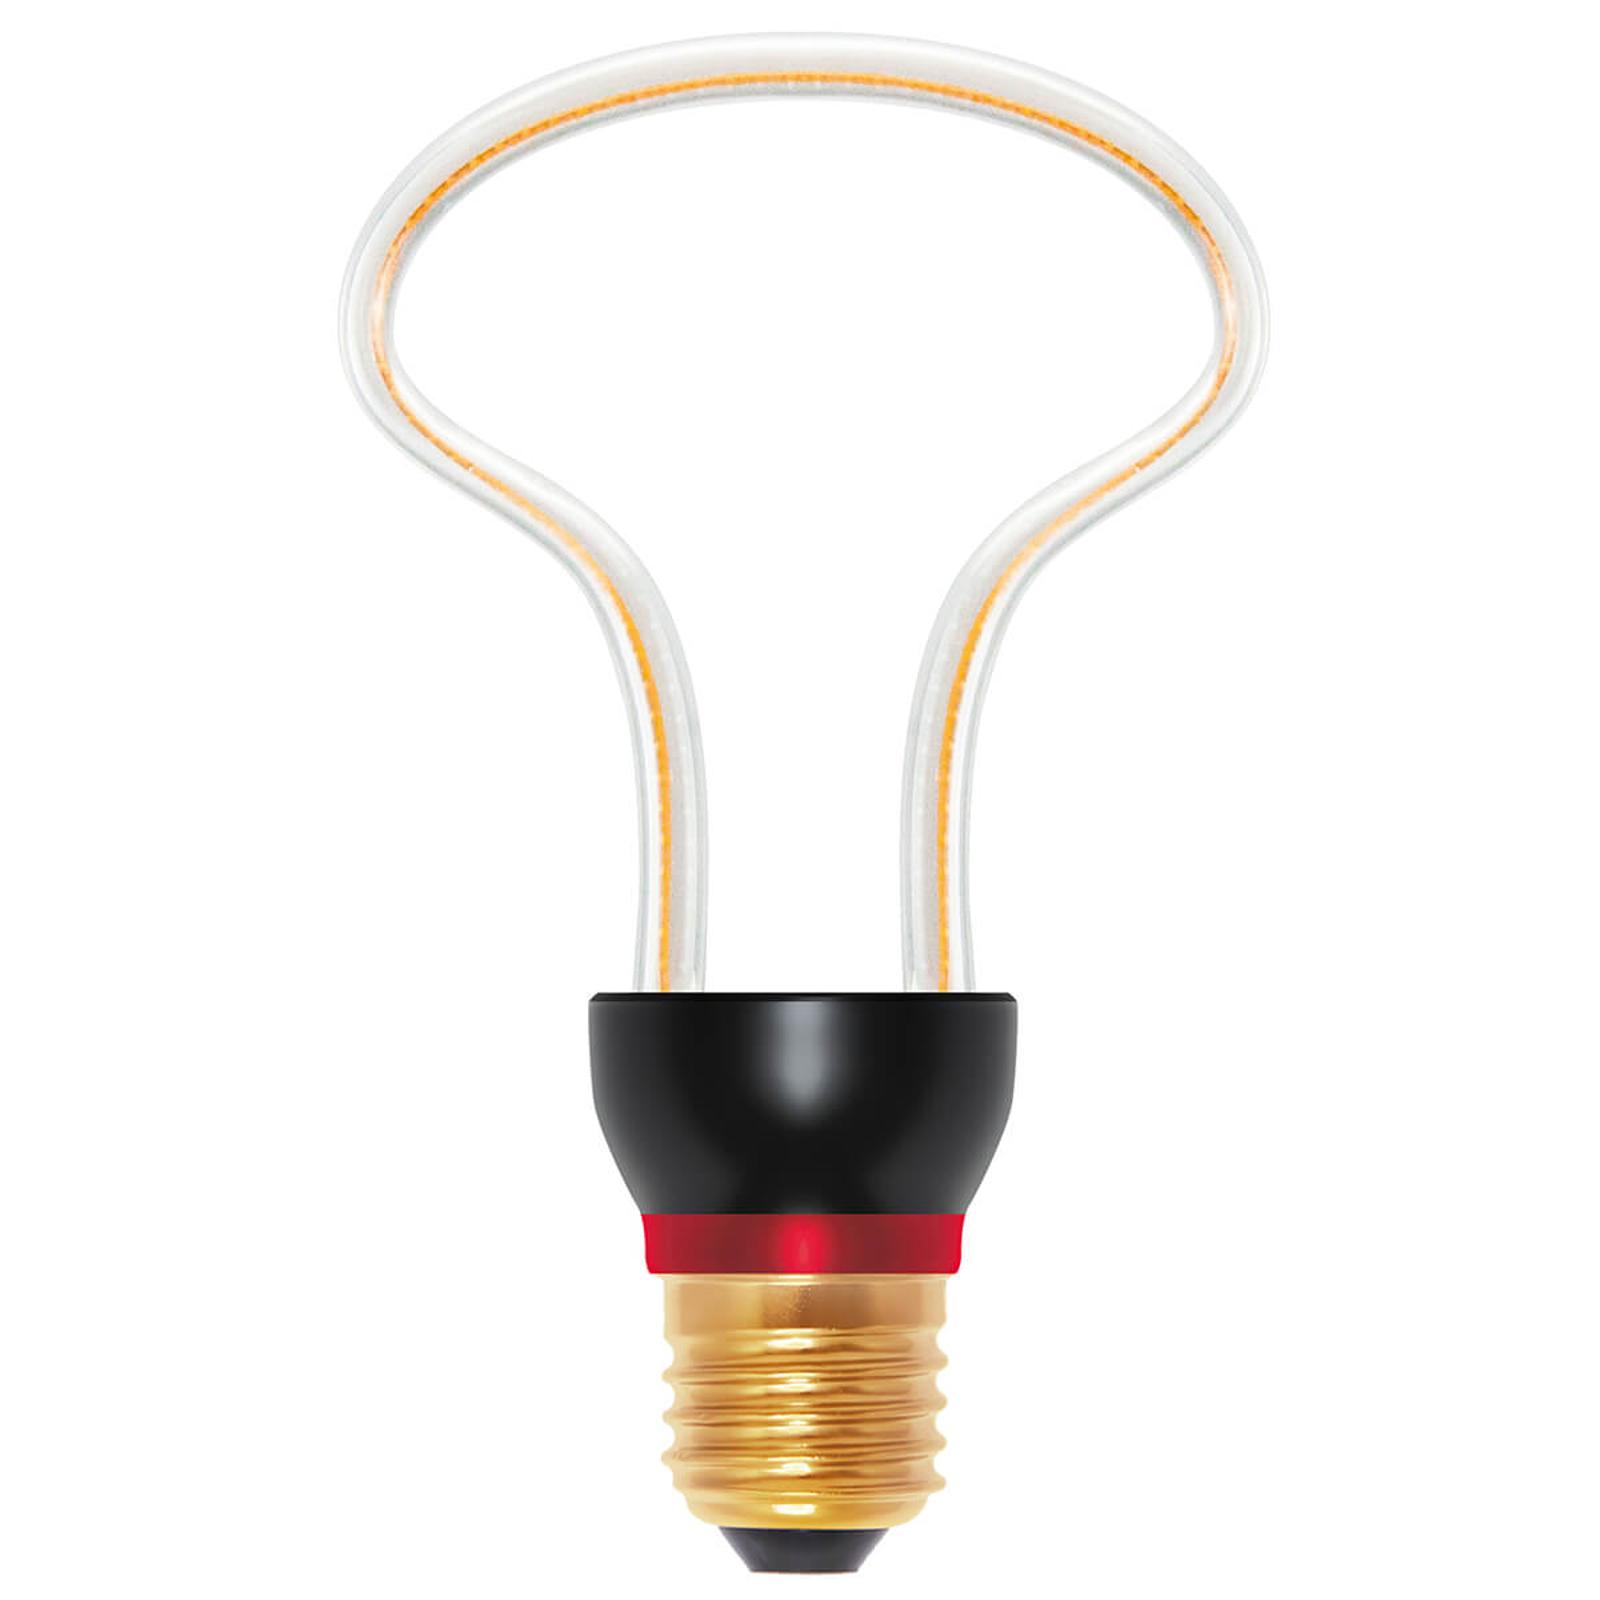 Acquista LED ART Line riflettore E27 8W, dimming